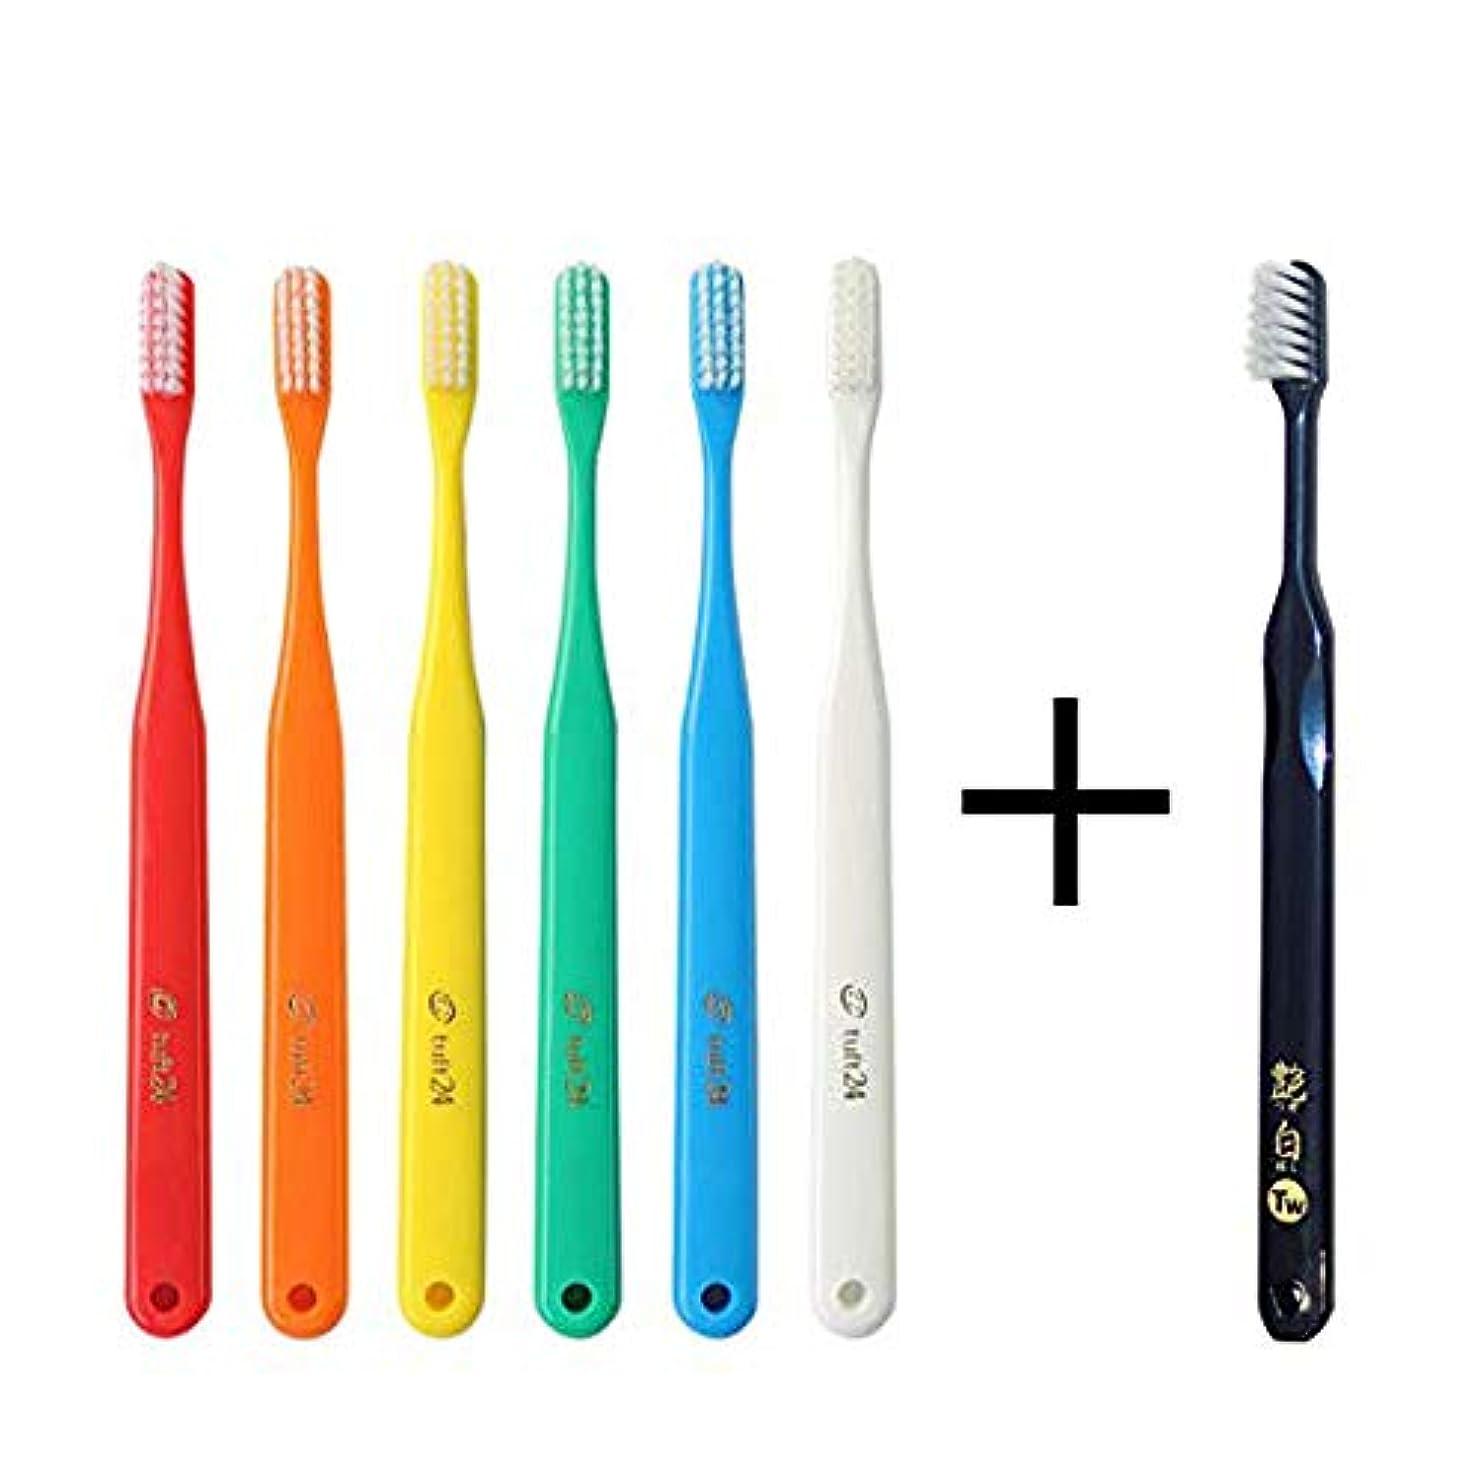 沿って講義辞書タフト24 歯ブラシ× 10本 (M) キャップなし + 艶白ツイン 歯ブラシ (M ふつう) ×1本 むし歯予防 歯科専売